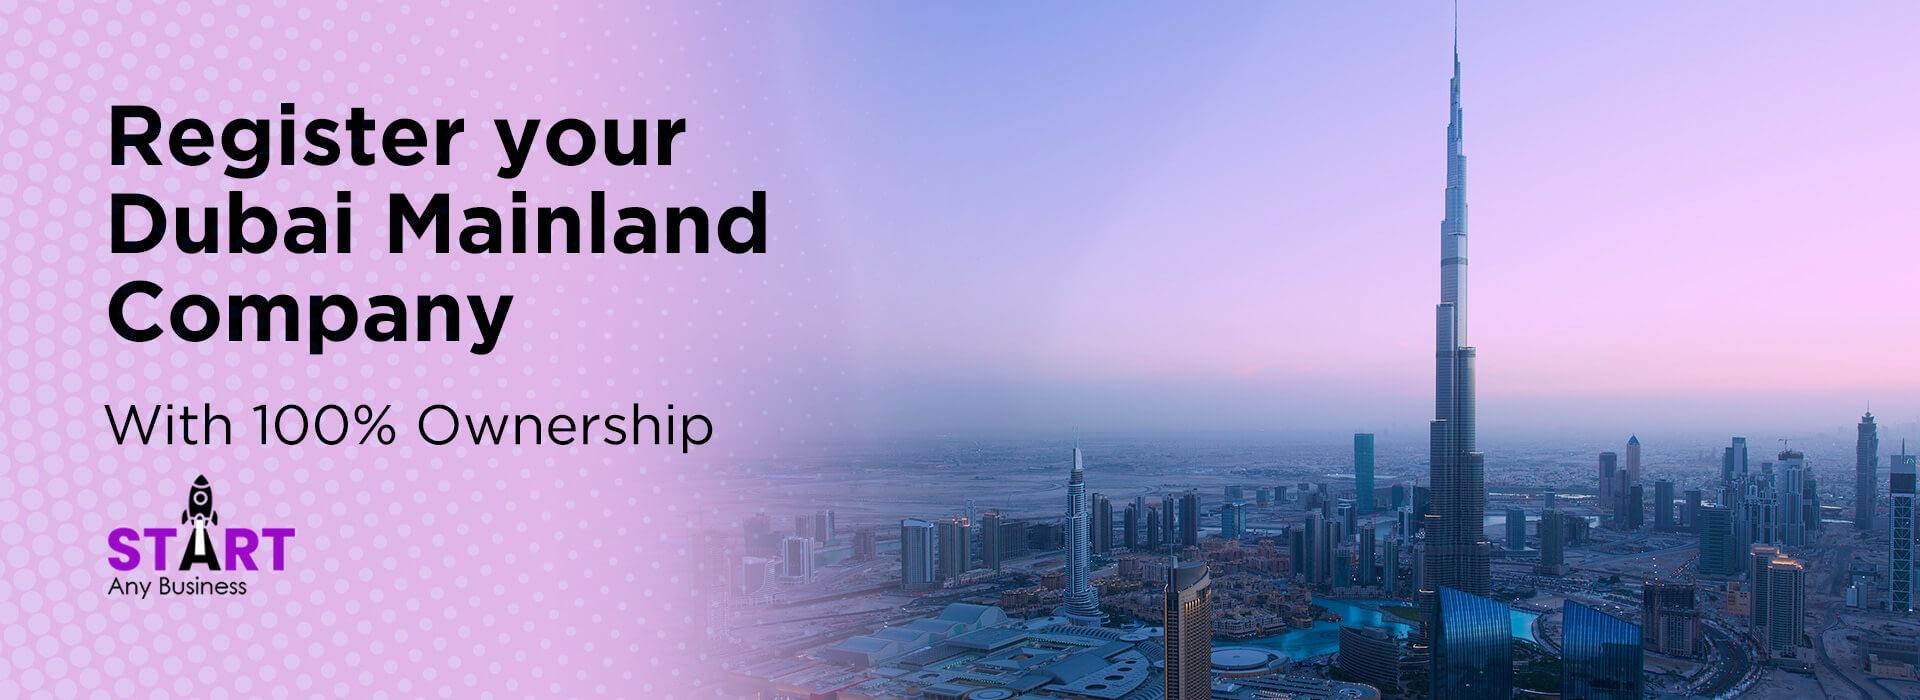 Register your Dubai Mainland Company